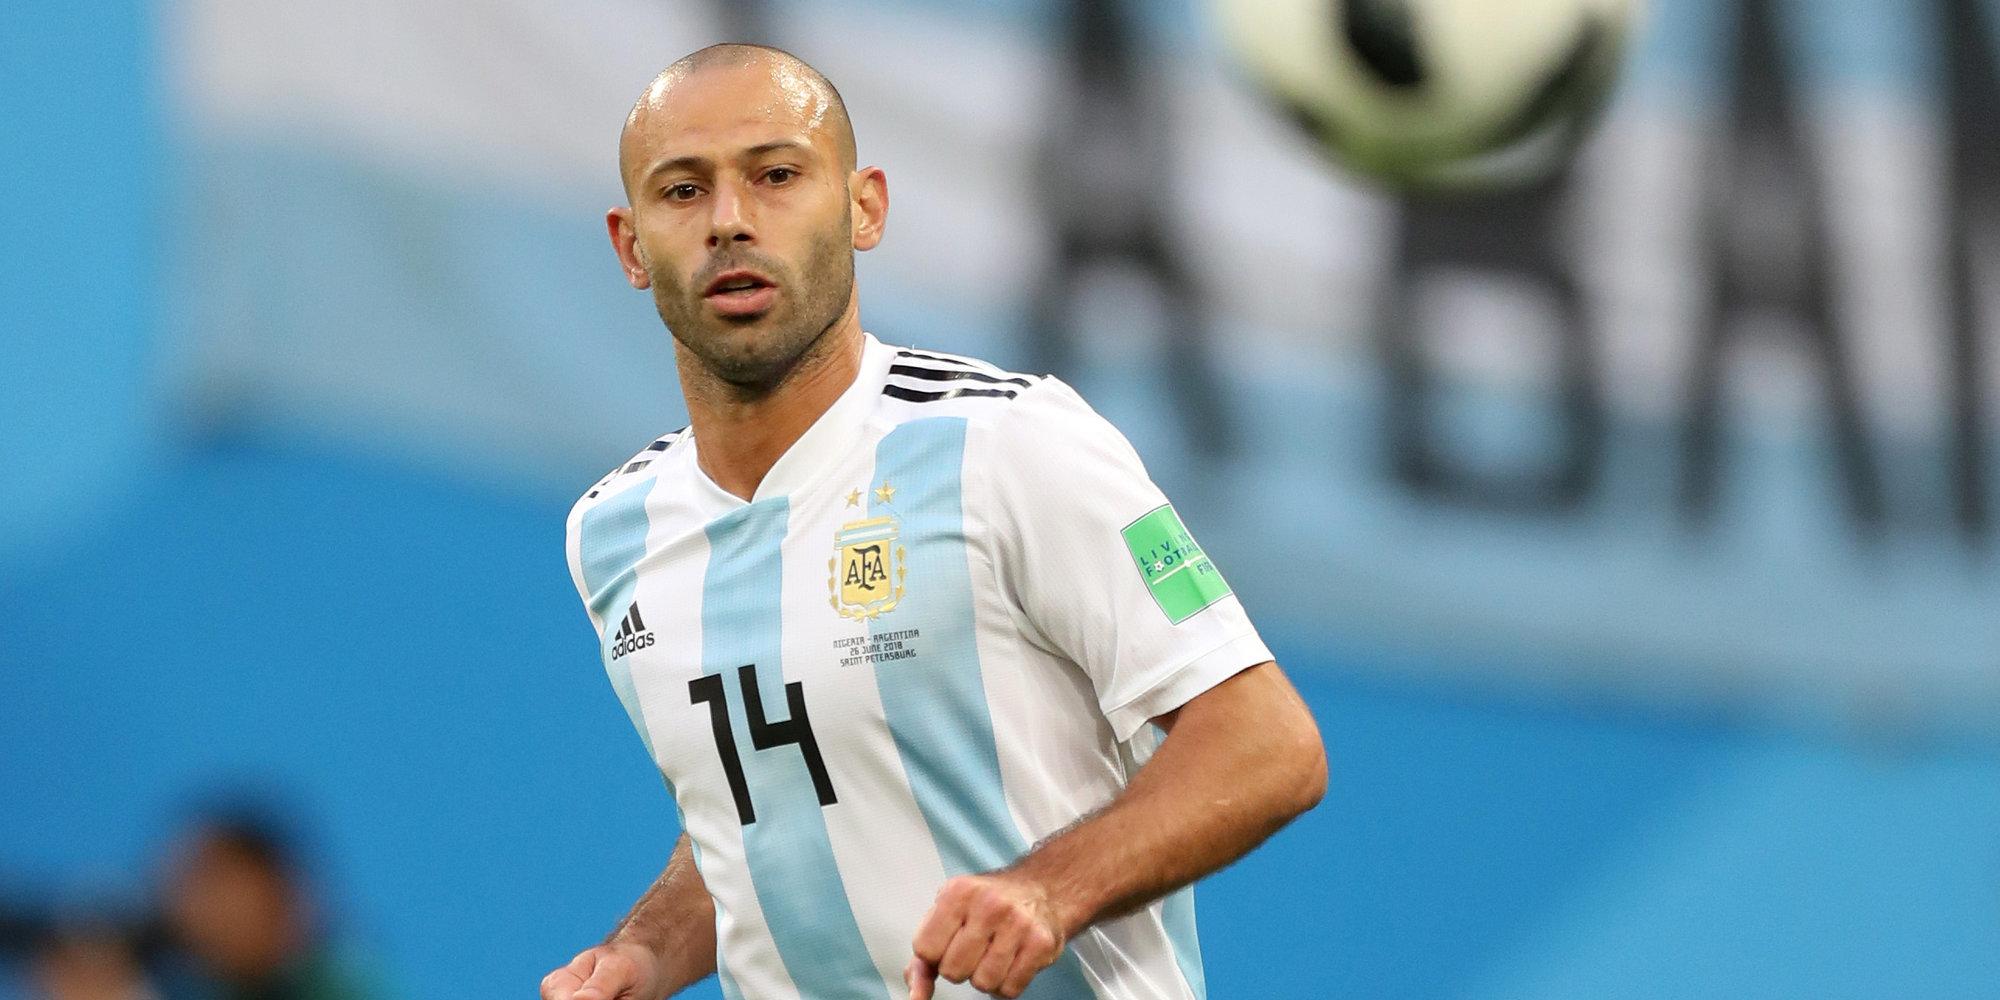 Бывший игрок «Ливерпуля» и «Барселоны» Маскерано завершил карьеру